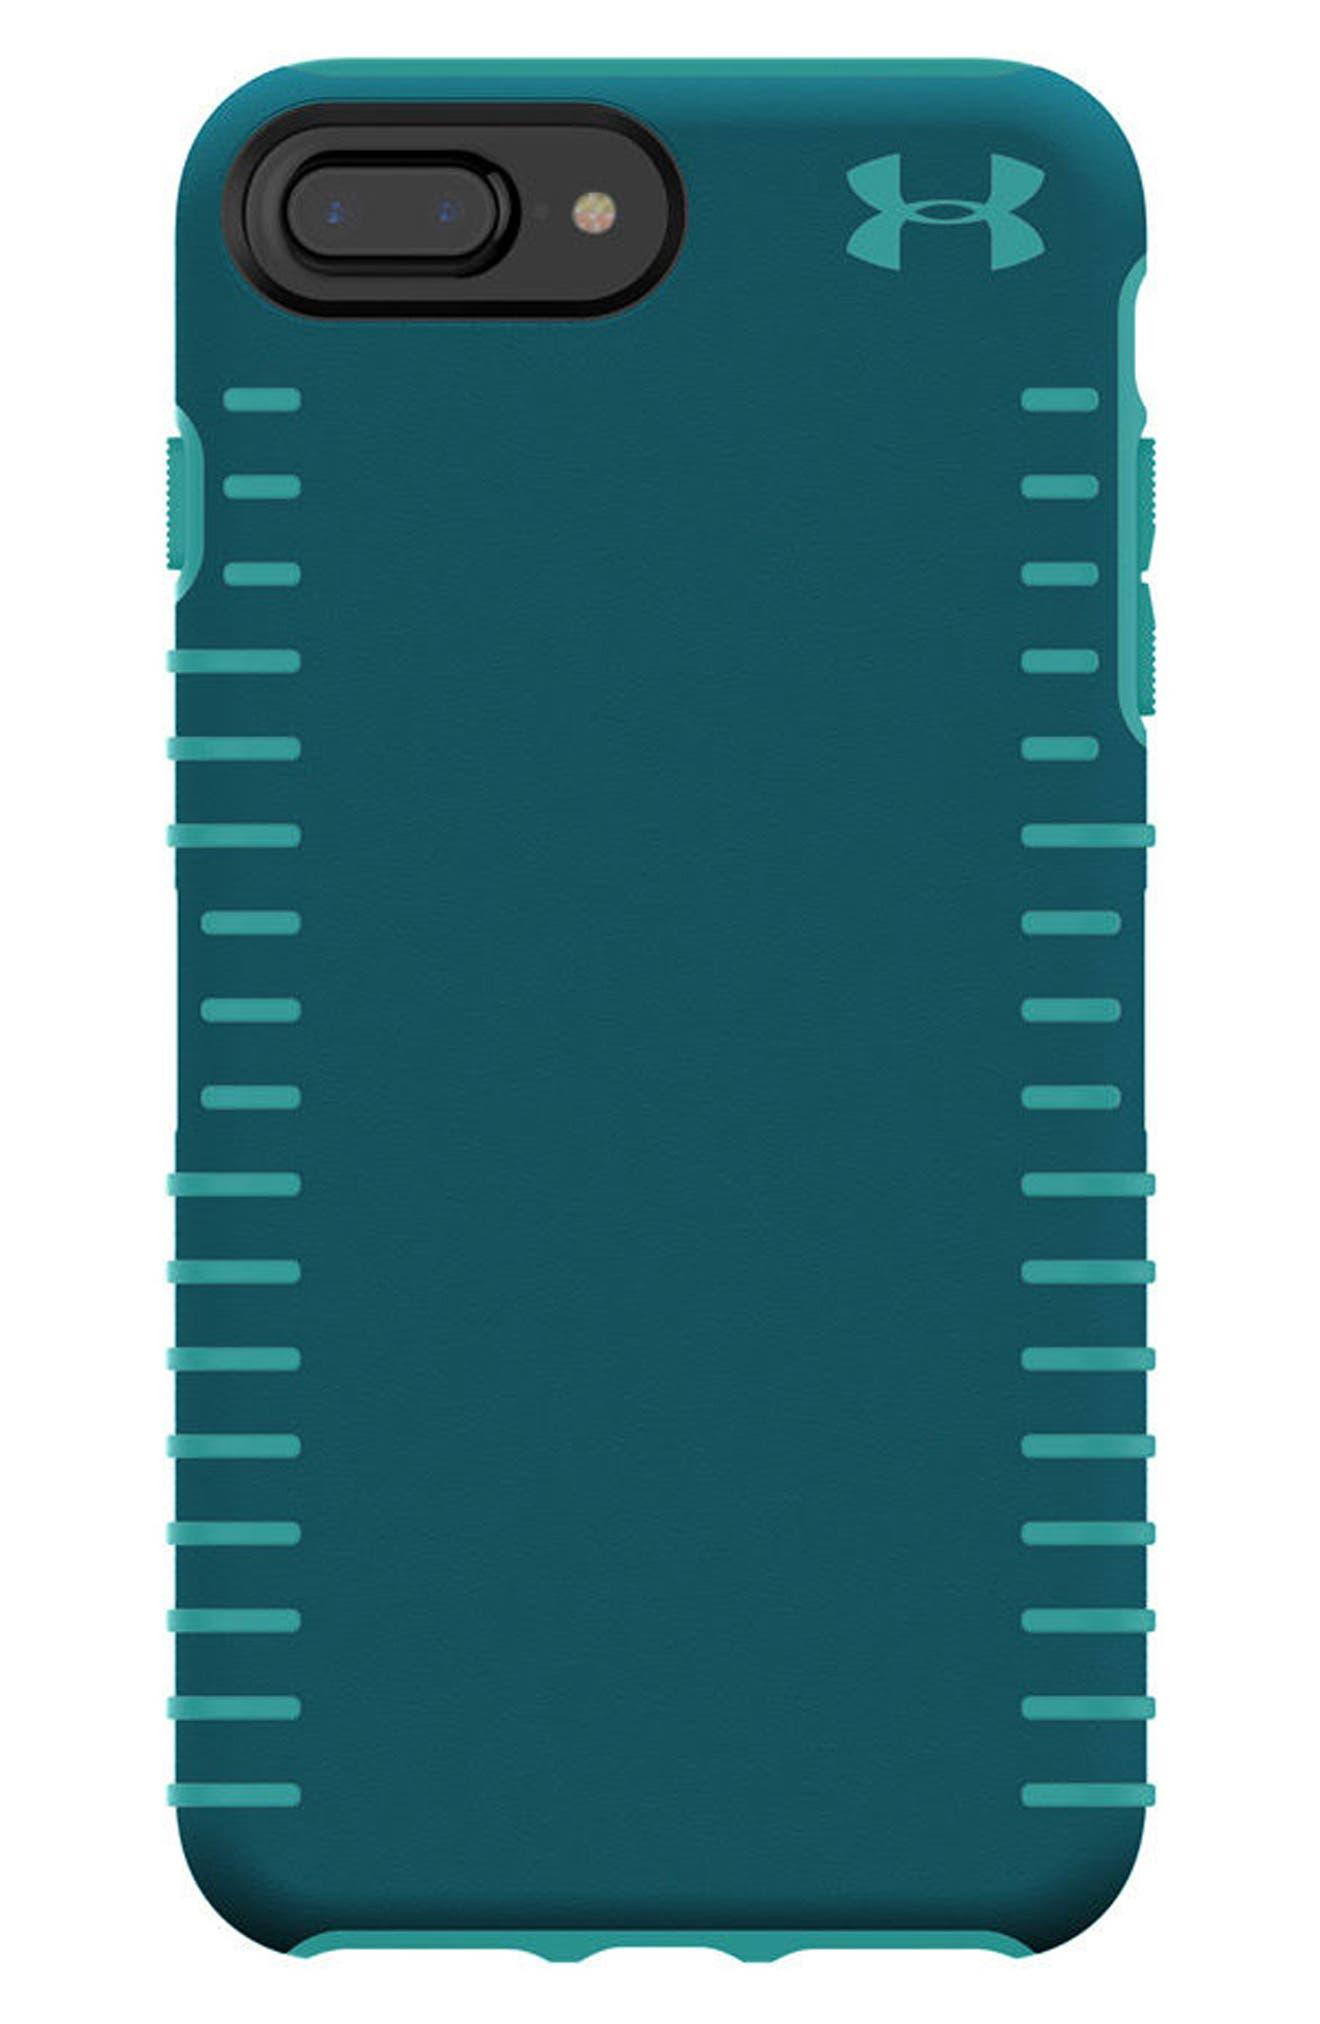 Protect Grip iPhone 6/6s/7/8 Plus Case,                             Main thumbnail 1, color,                             Desert Sky